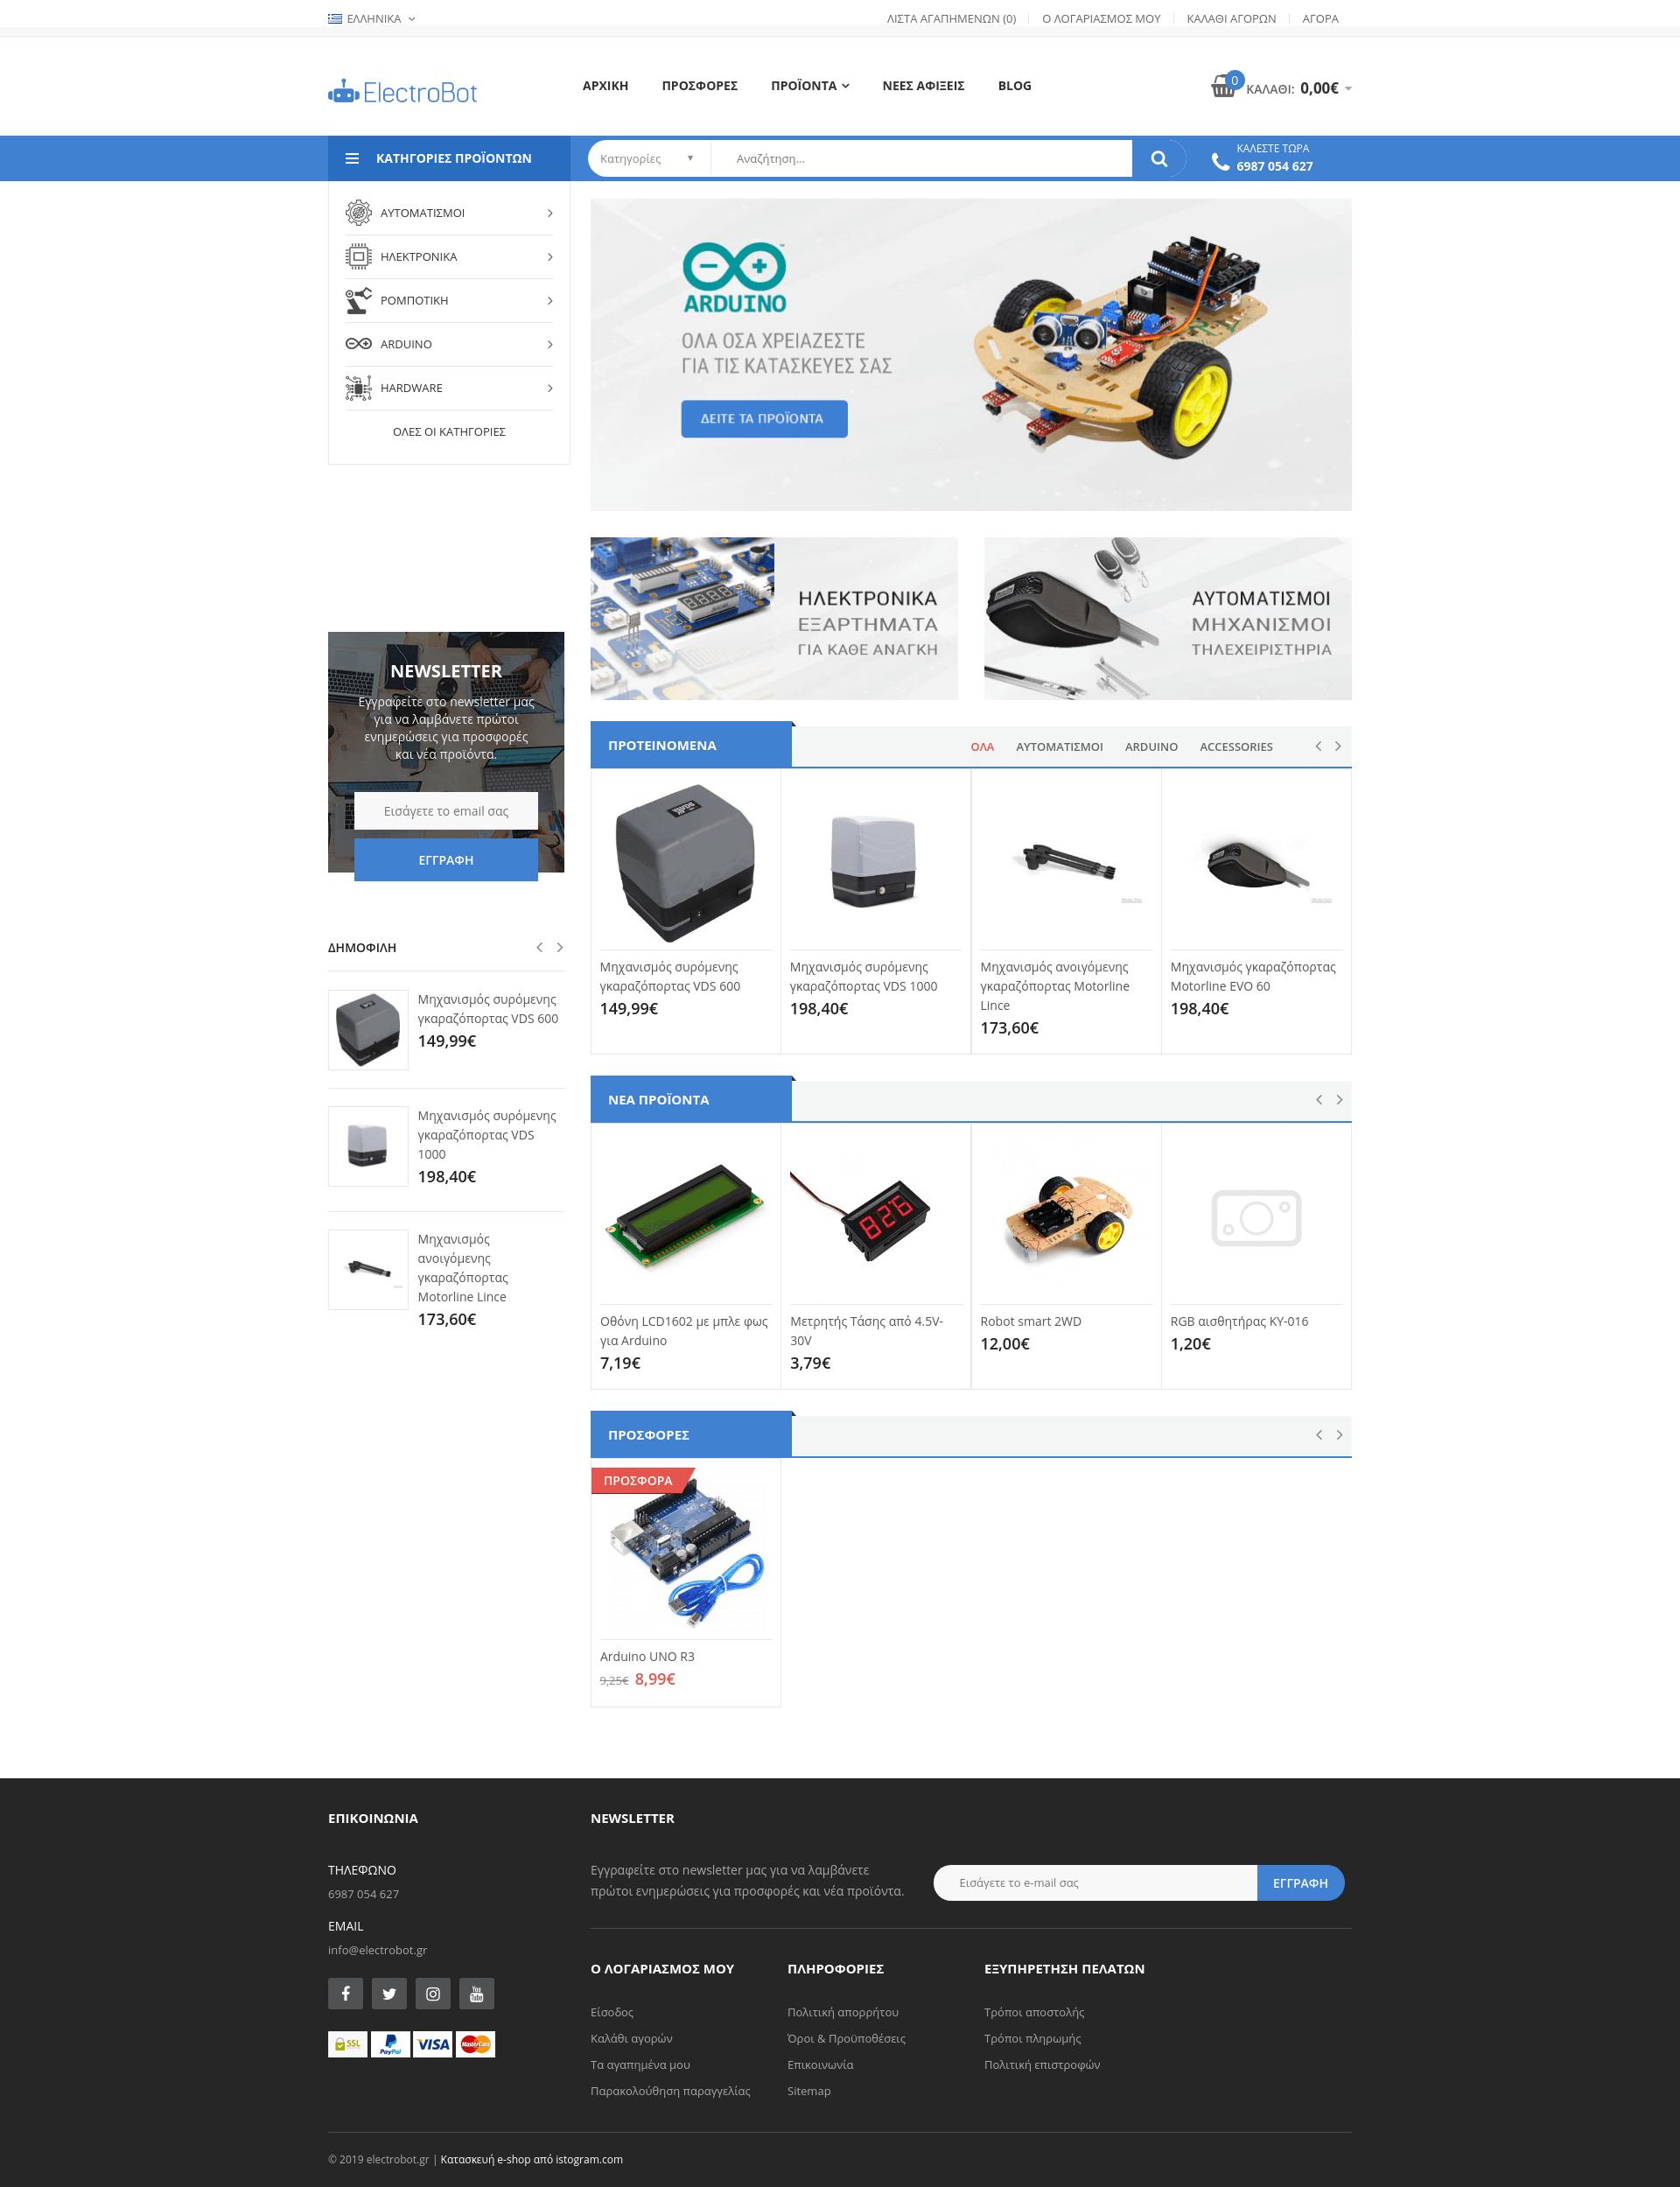 electrobot-gr-website